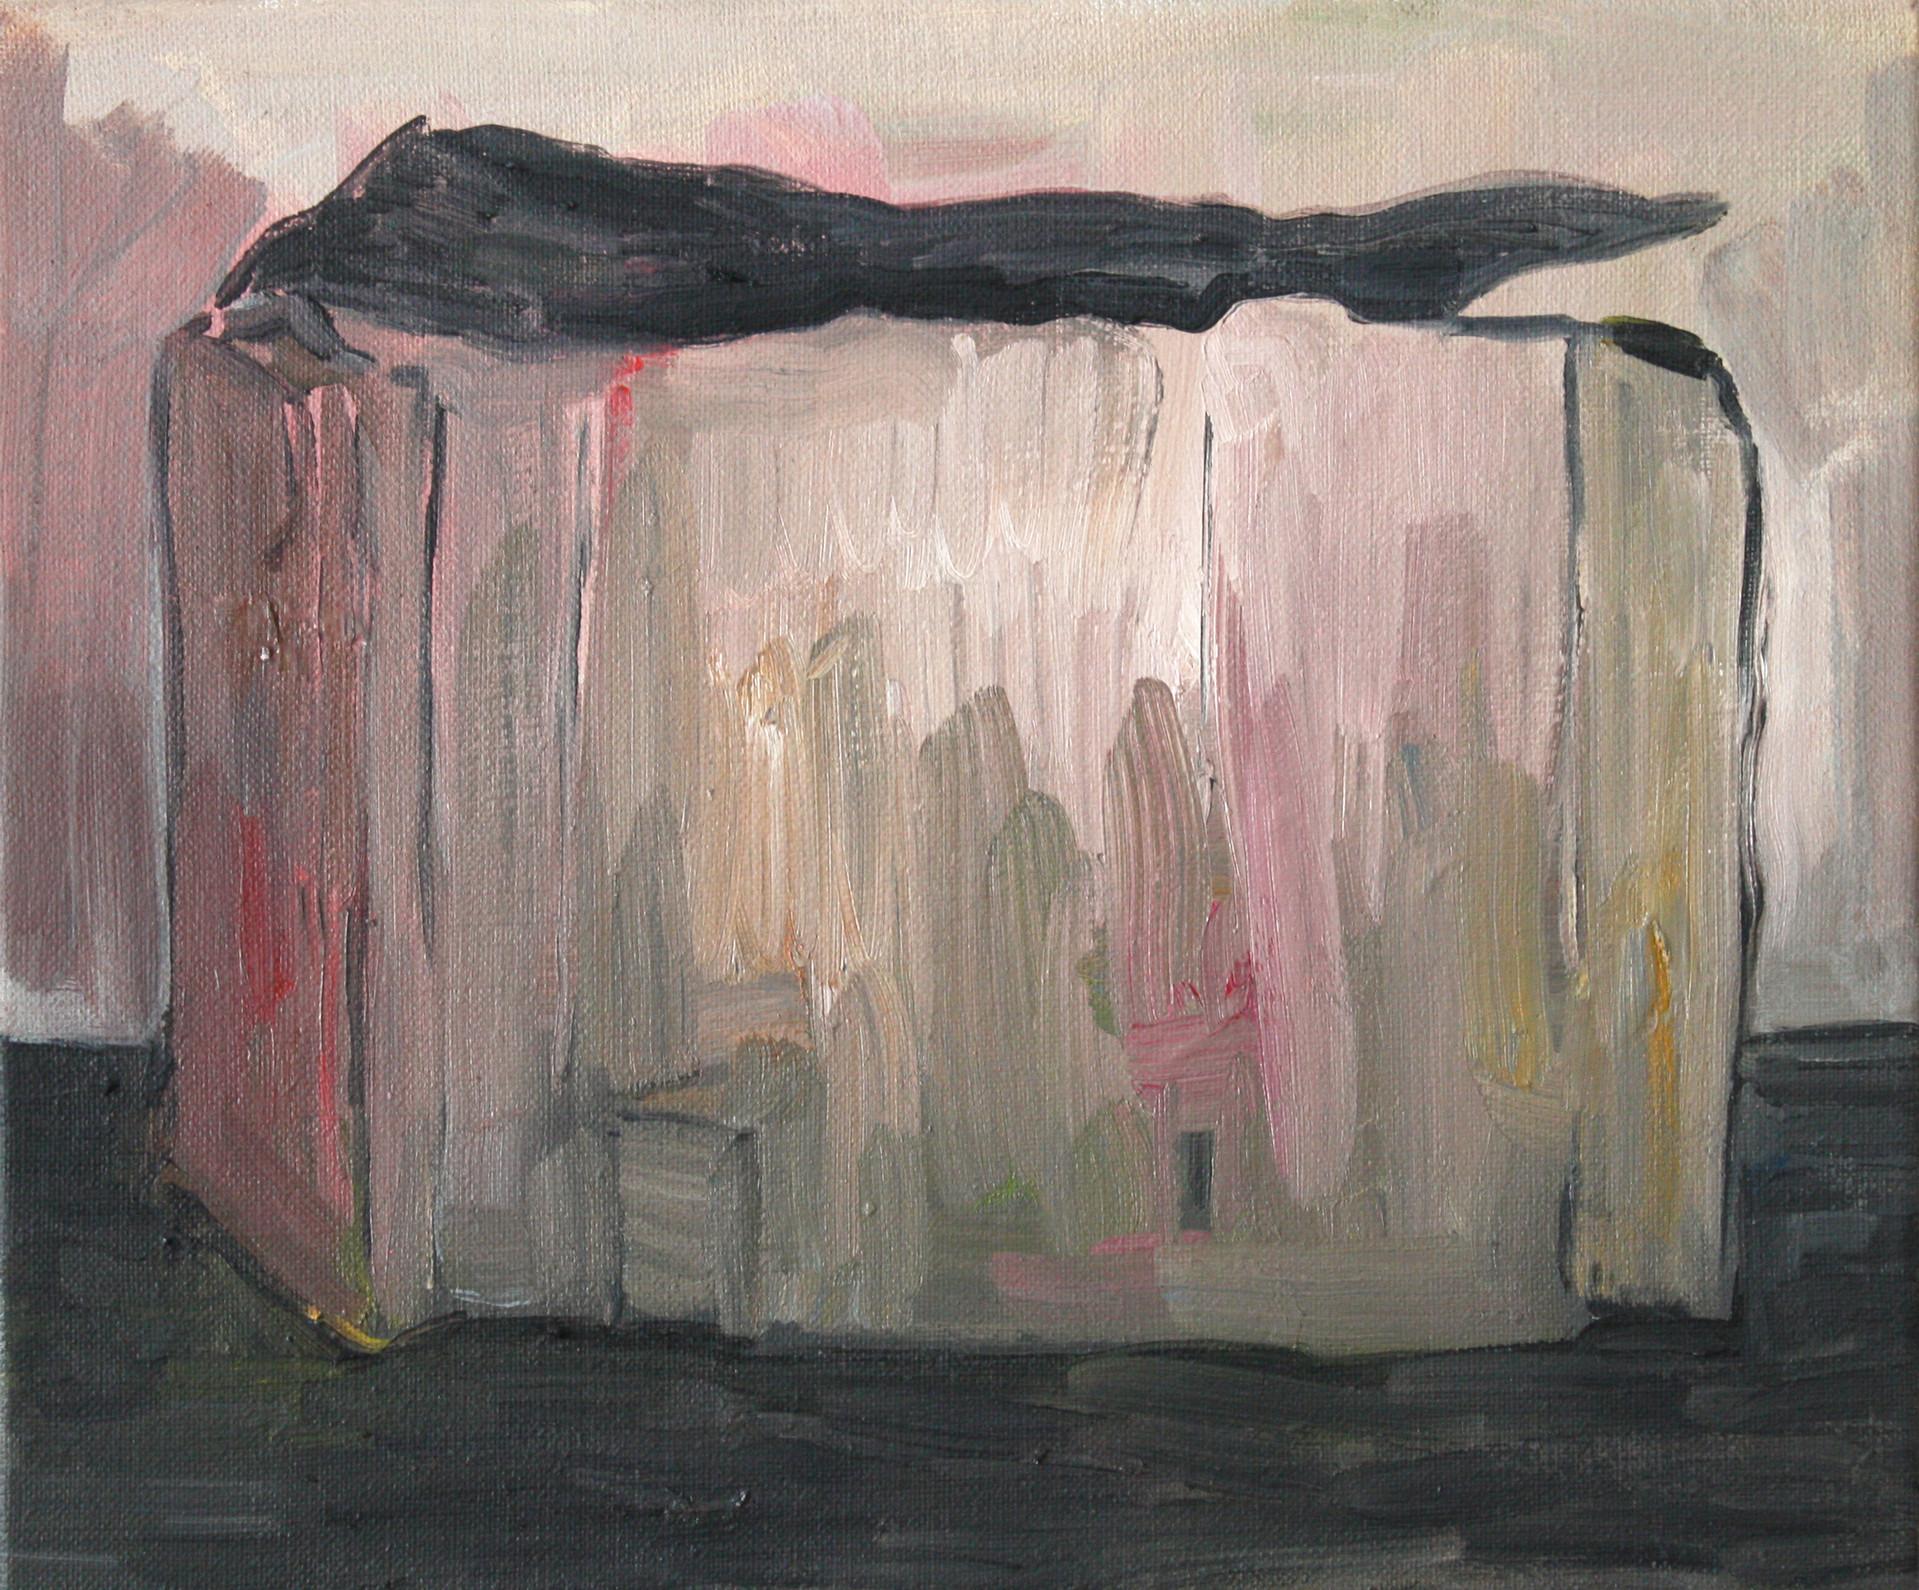 schachtel #01 - 2011 - öl auf leinwand 28 x 35 cm